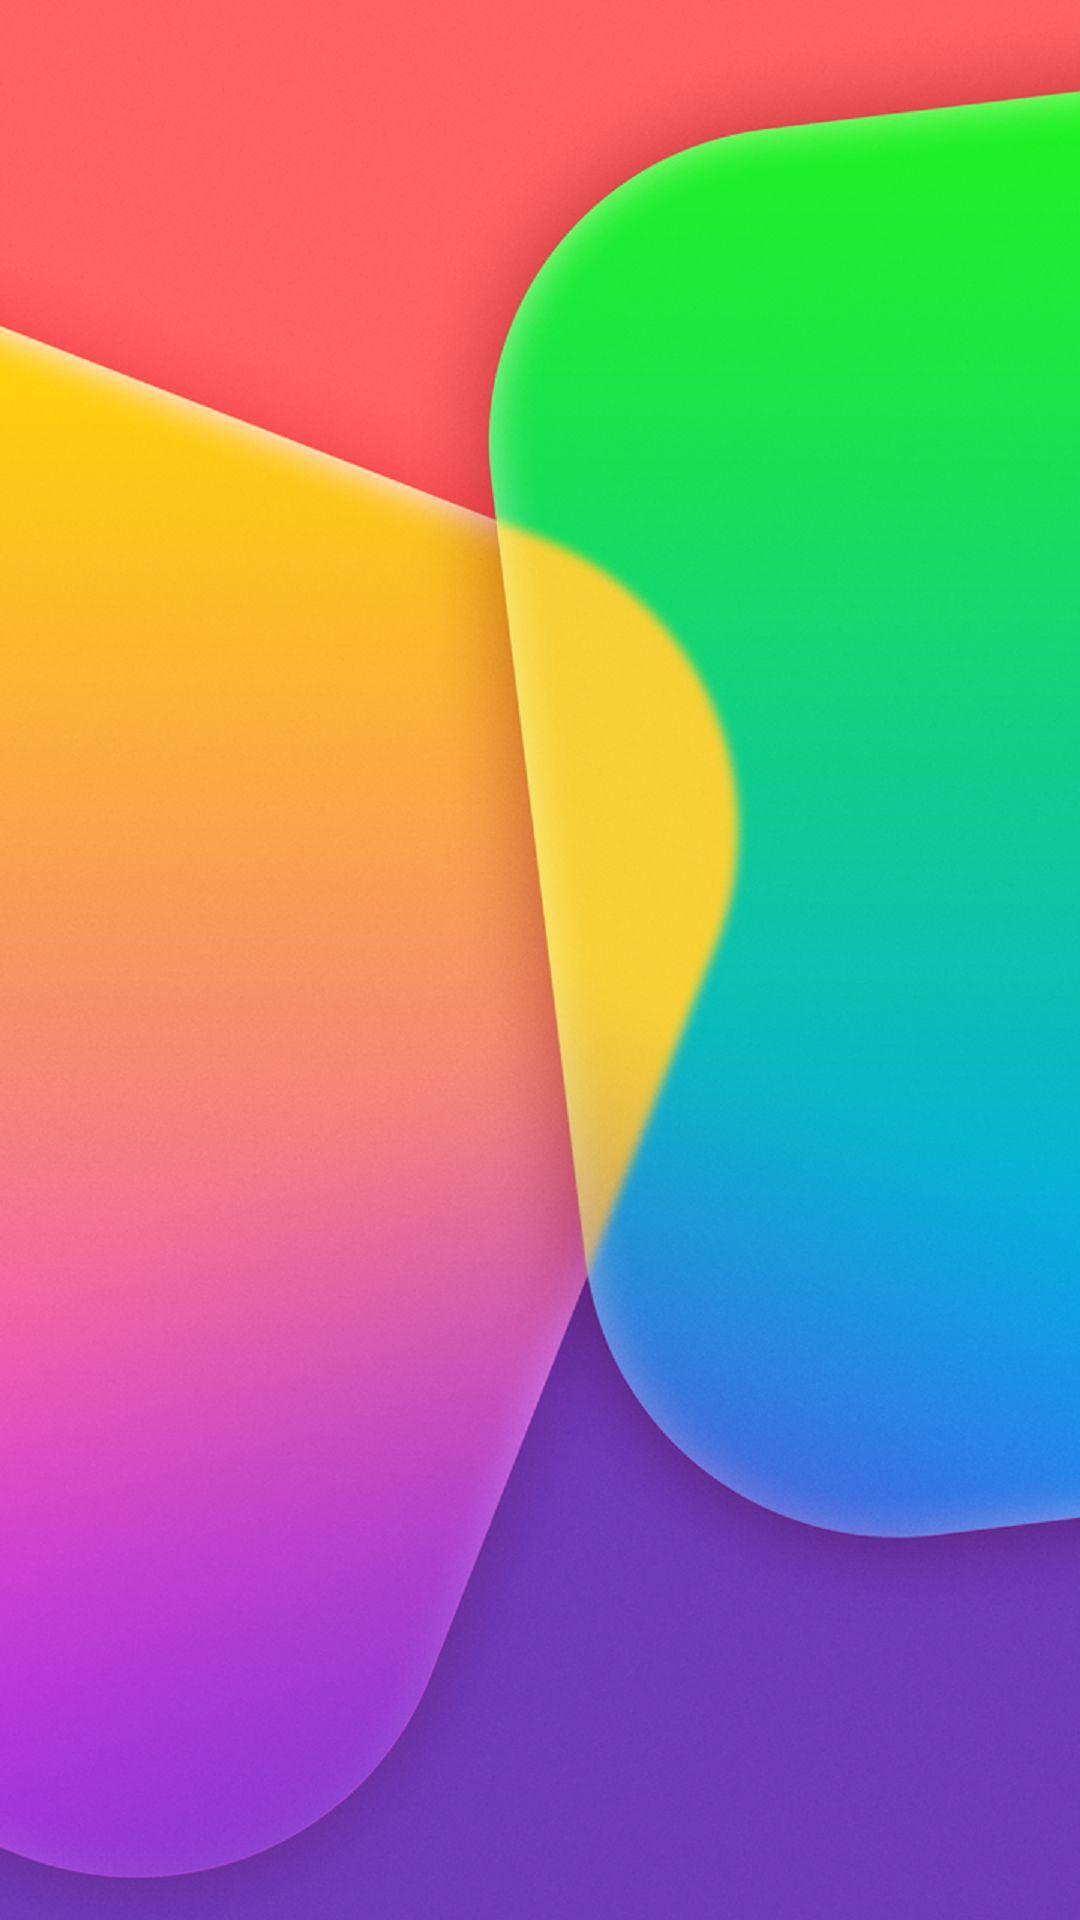 Colorful App Tiles Iphone 6 Plus Wallpaper Iphone Wallpaper